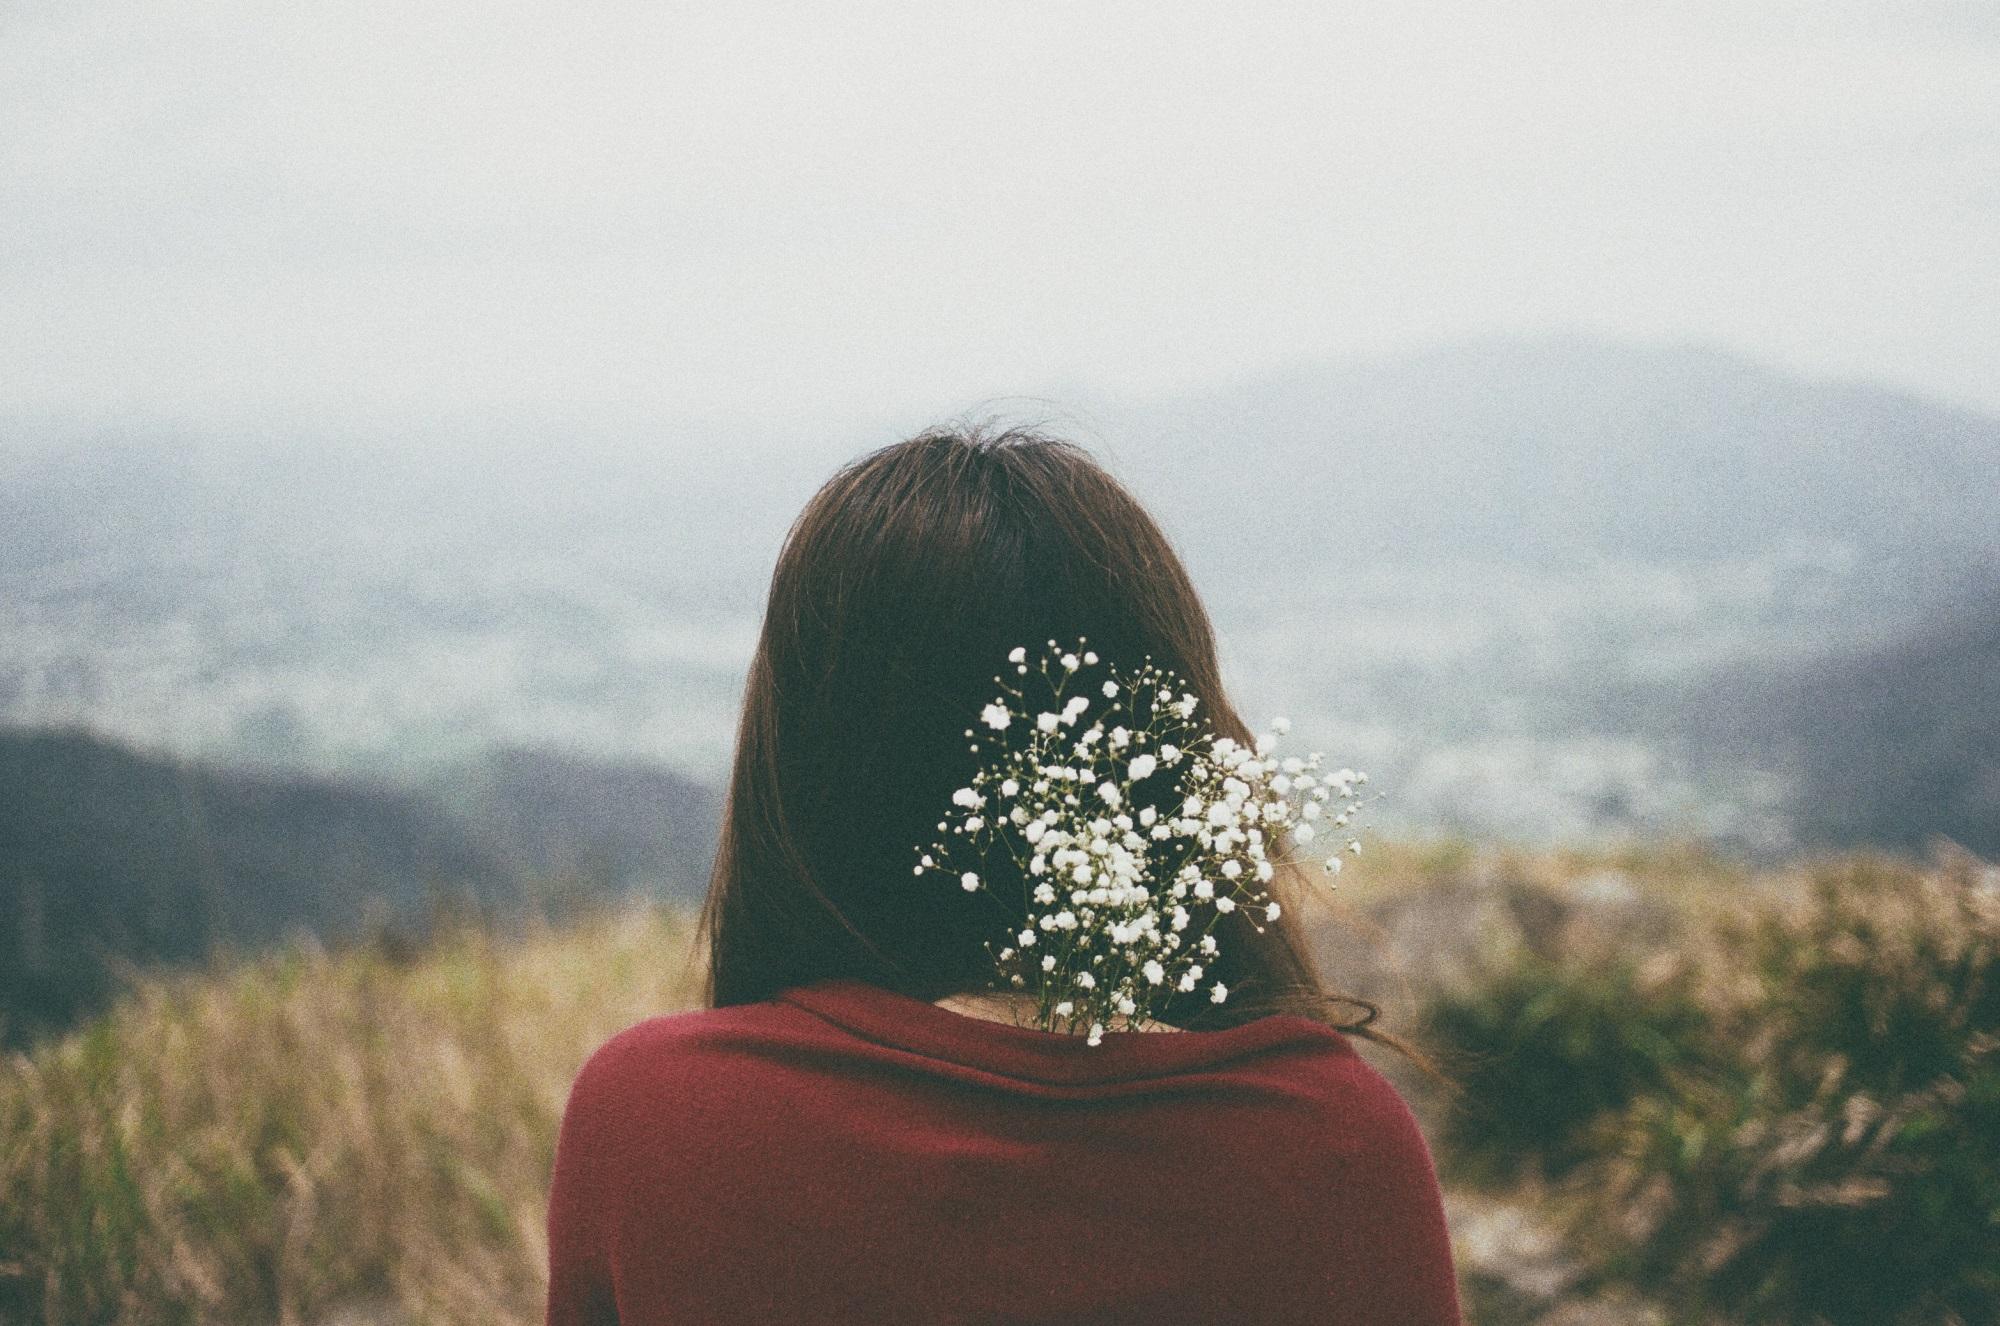 Chứng kiến người yêu cũ có người yêu mới rốt cuộc là cảm giác thế nào? - Ảnh 2